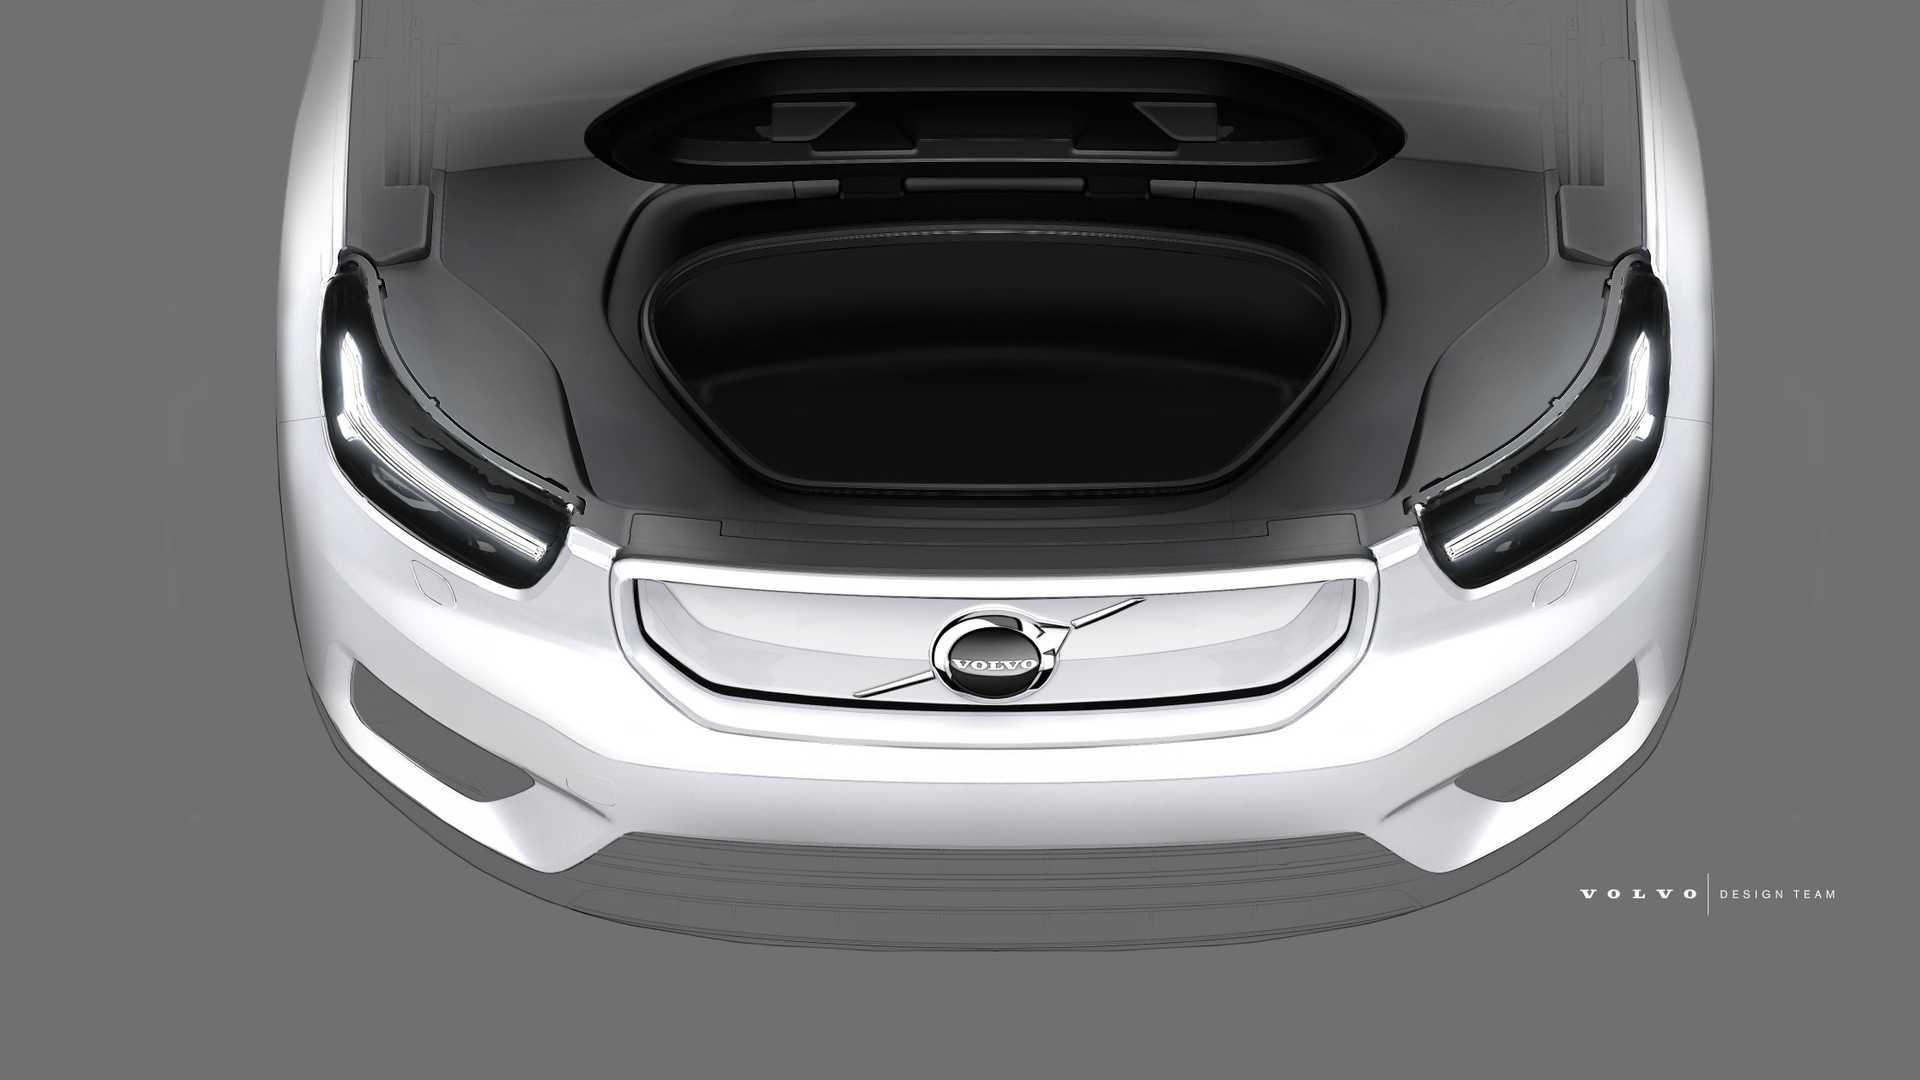 Компания Volvo принадлежит концерну Geely. Теперь шведы и китайцы объявили о создании нового совместного предприятия по выпуску двигателей.